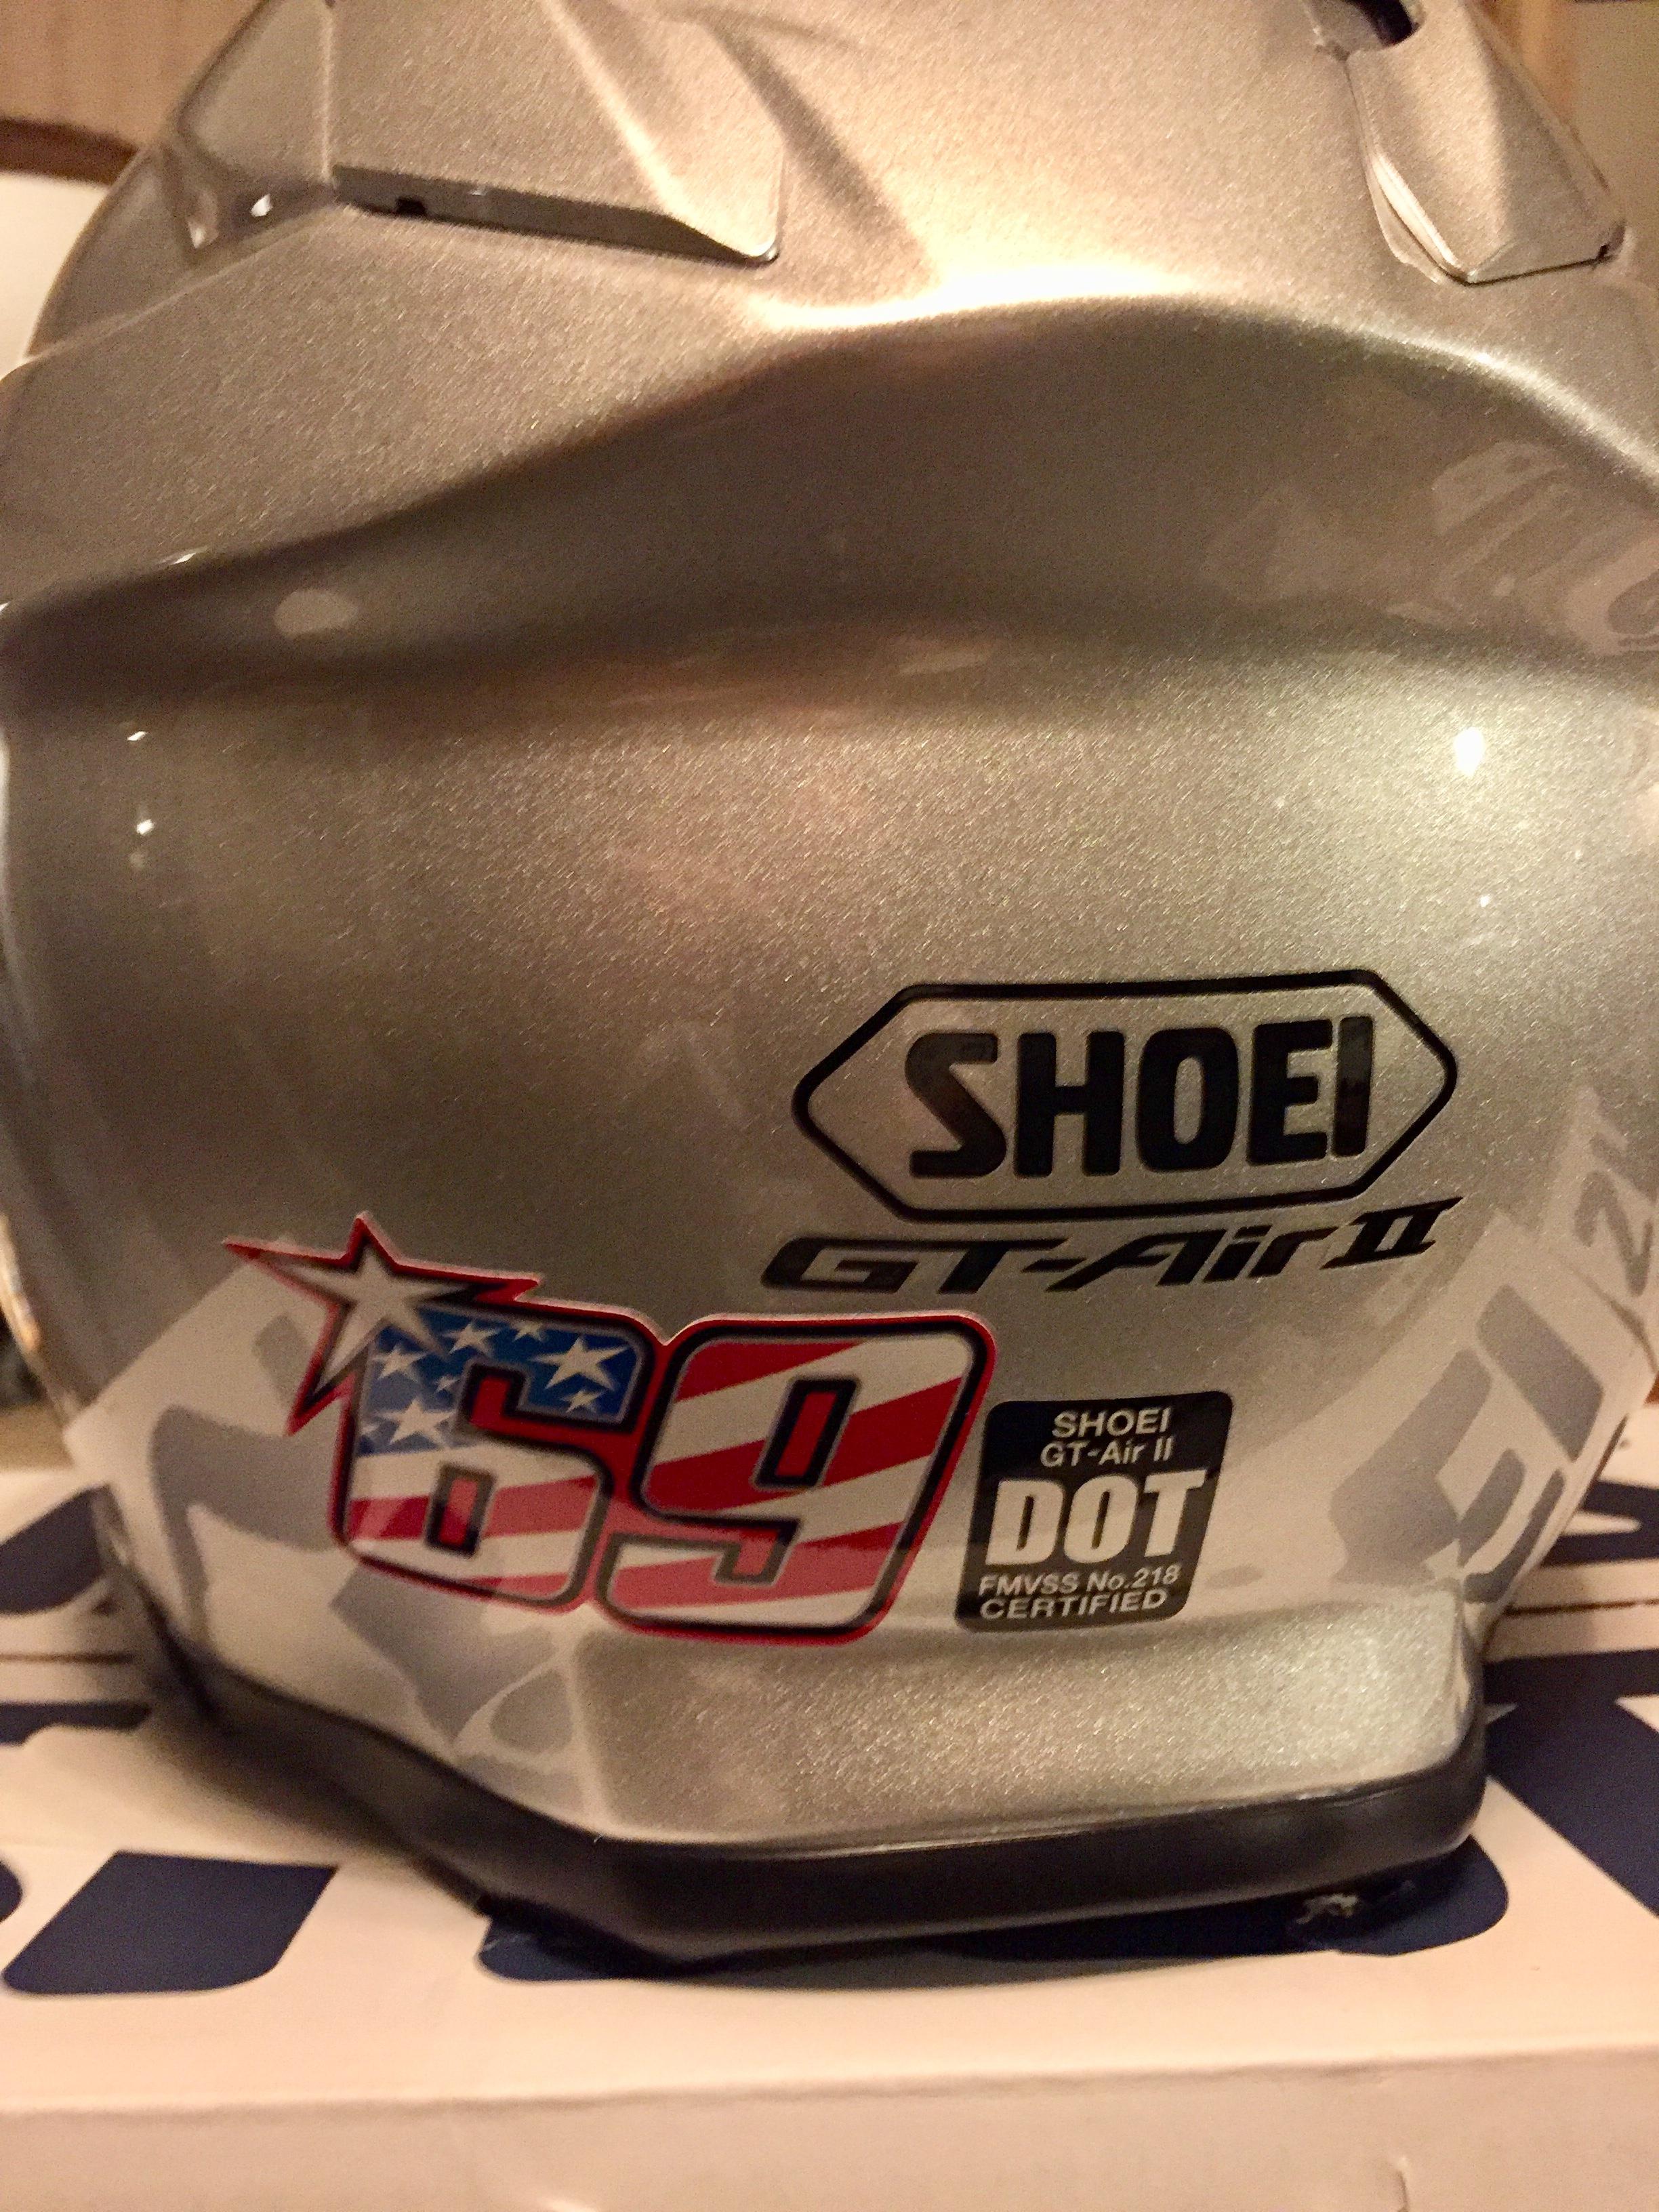 shoei helmet-img_e5008.jpg